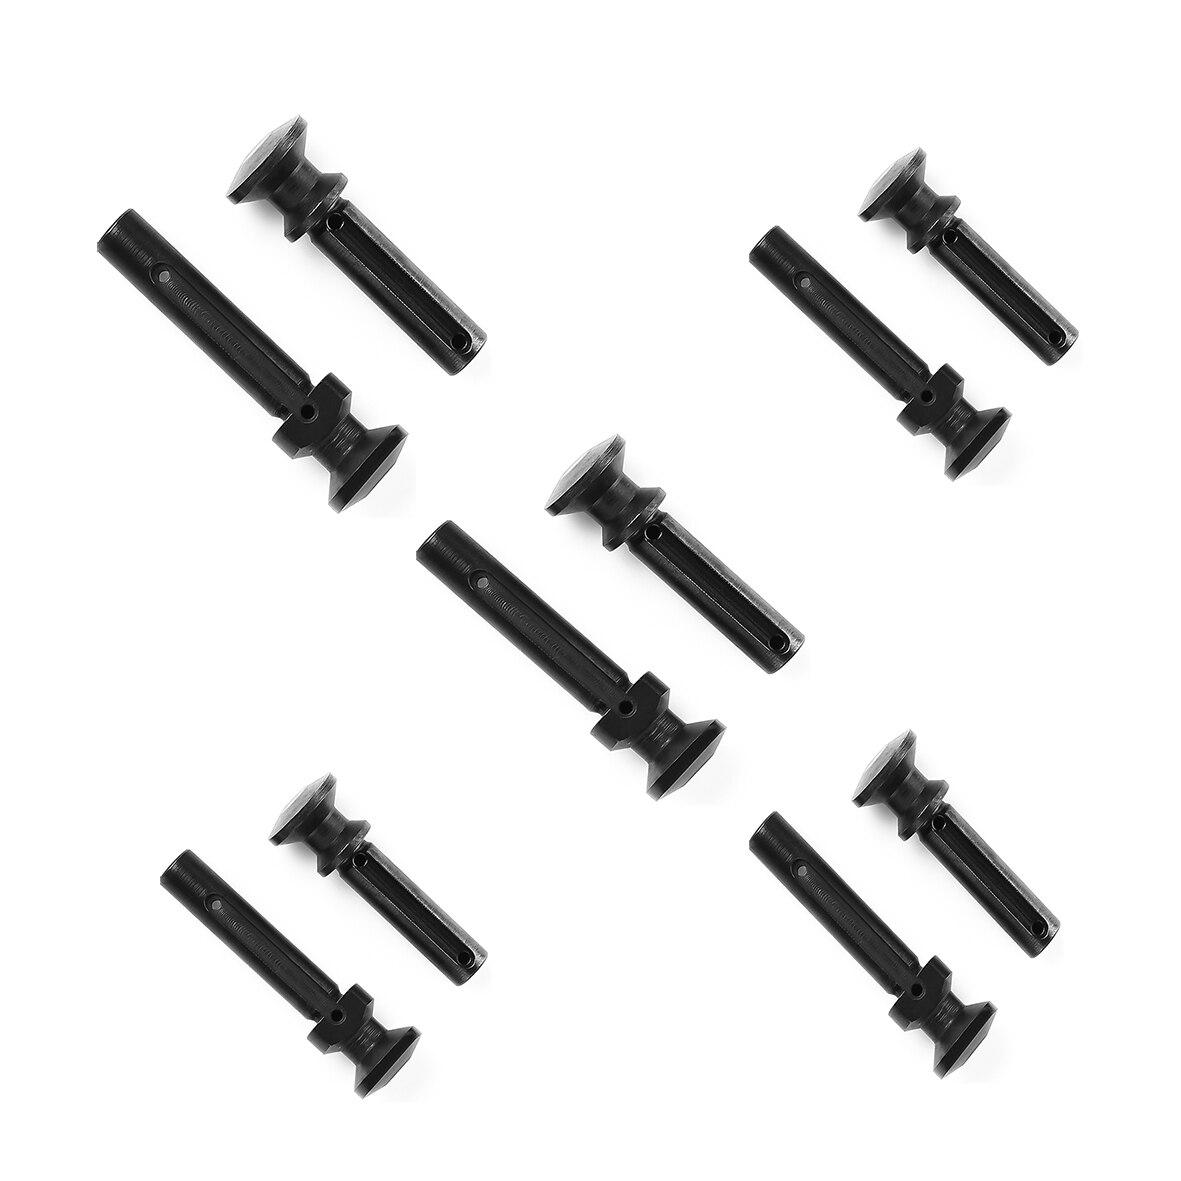 Magorui 5x ensemble Étendu Takedown Prendre des Épingles Pivot Pins. 223 5.56 Plus Sans Relief